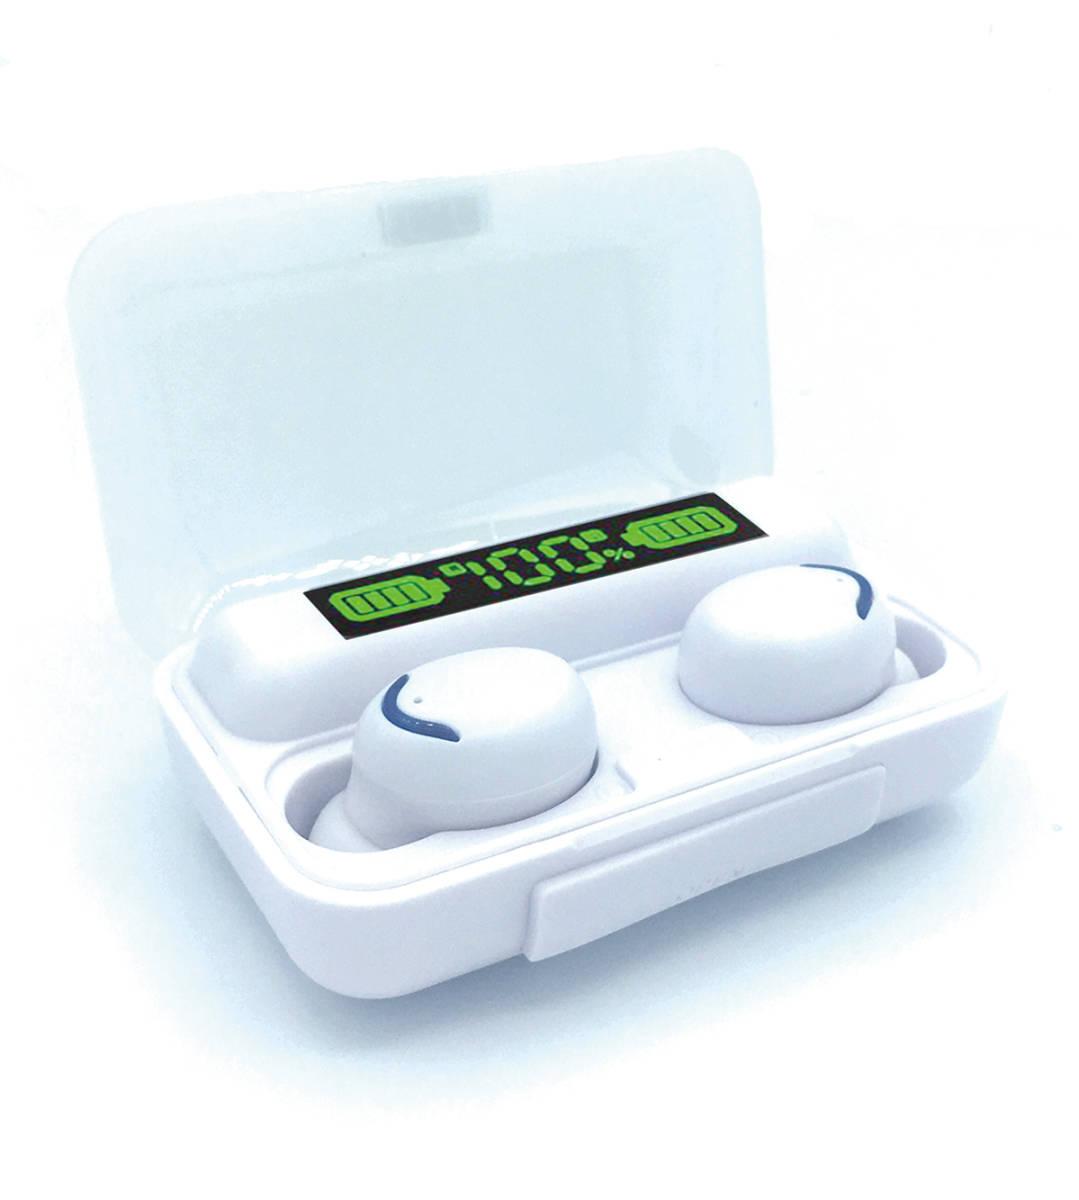 ワイヤレス イヤホン 白 防水 モバイルバッテリー ハンズフリー HiFiステレオ LEDディスプレイ ヘッドセット イヤフォン